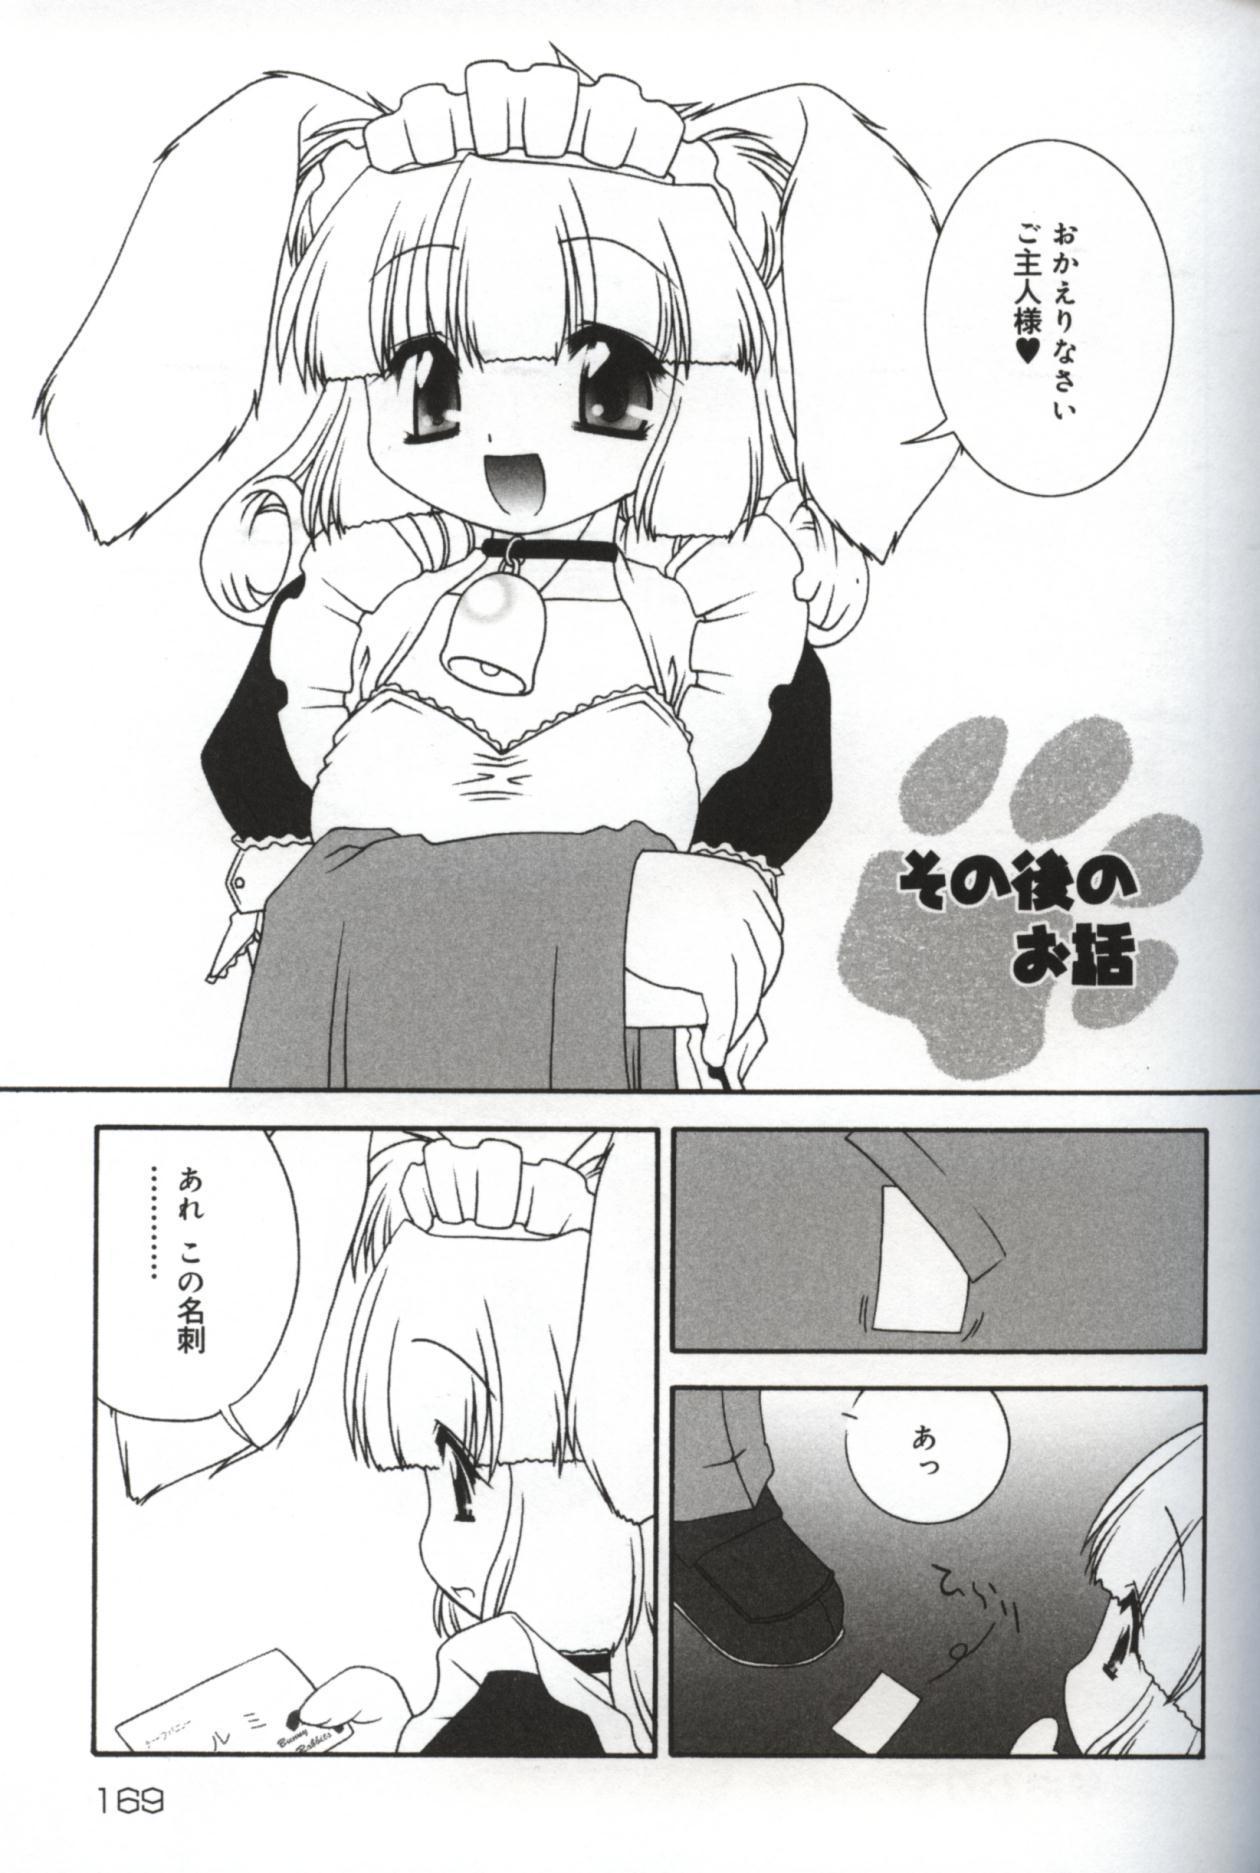 Hatsujou ♡ Oneesama 169